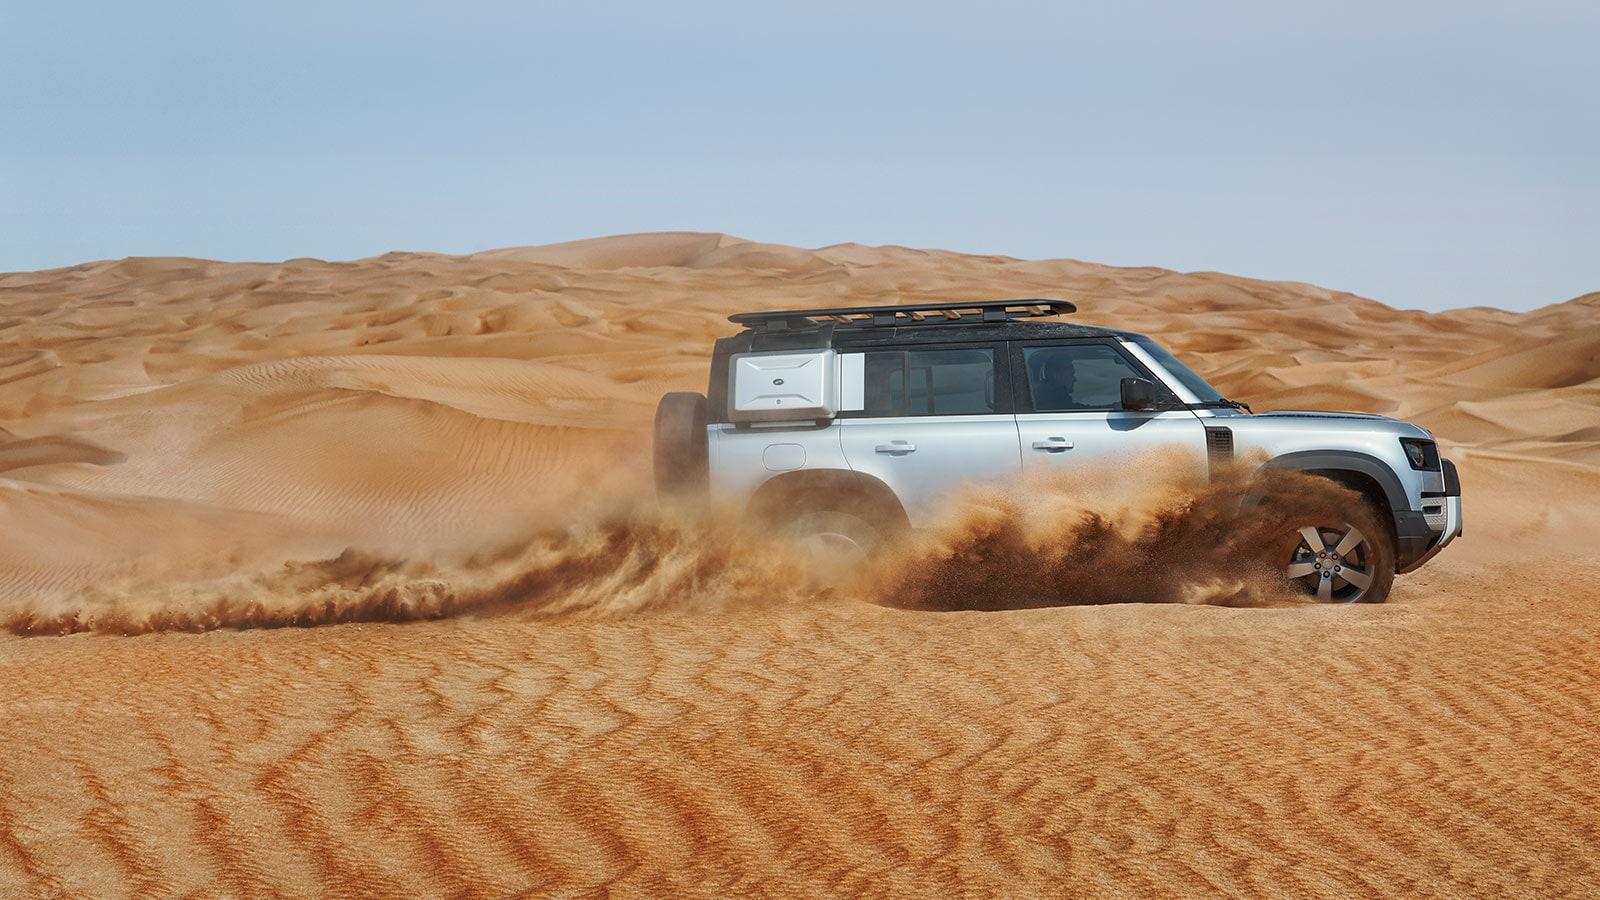 Land Rover Defender bei Auto Stahl in der Wüste Modellbild